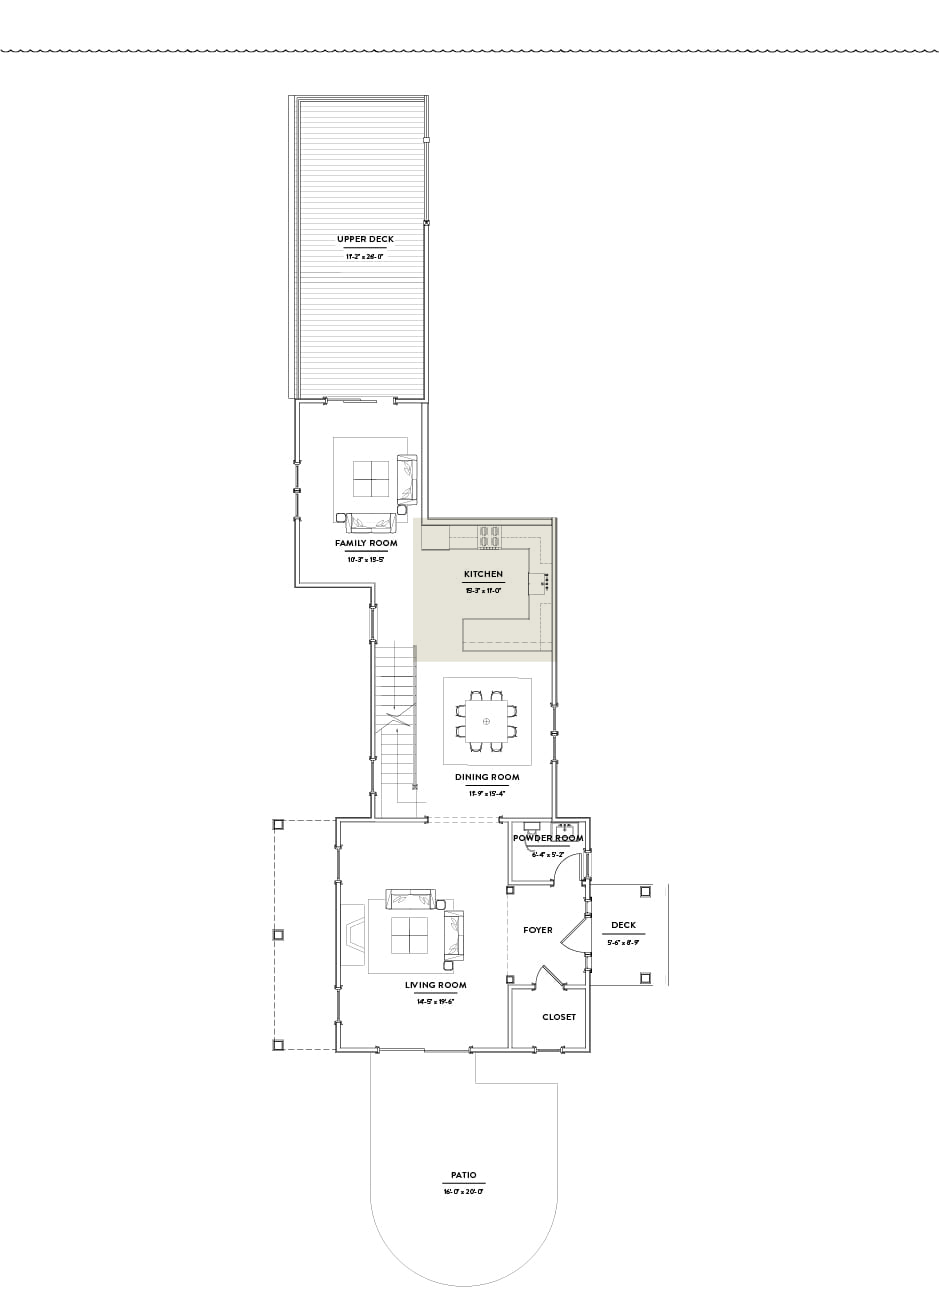 Hilltop 1 Second Floor Kitchen